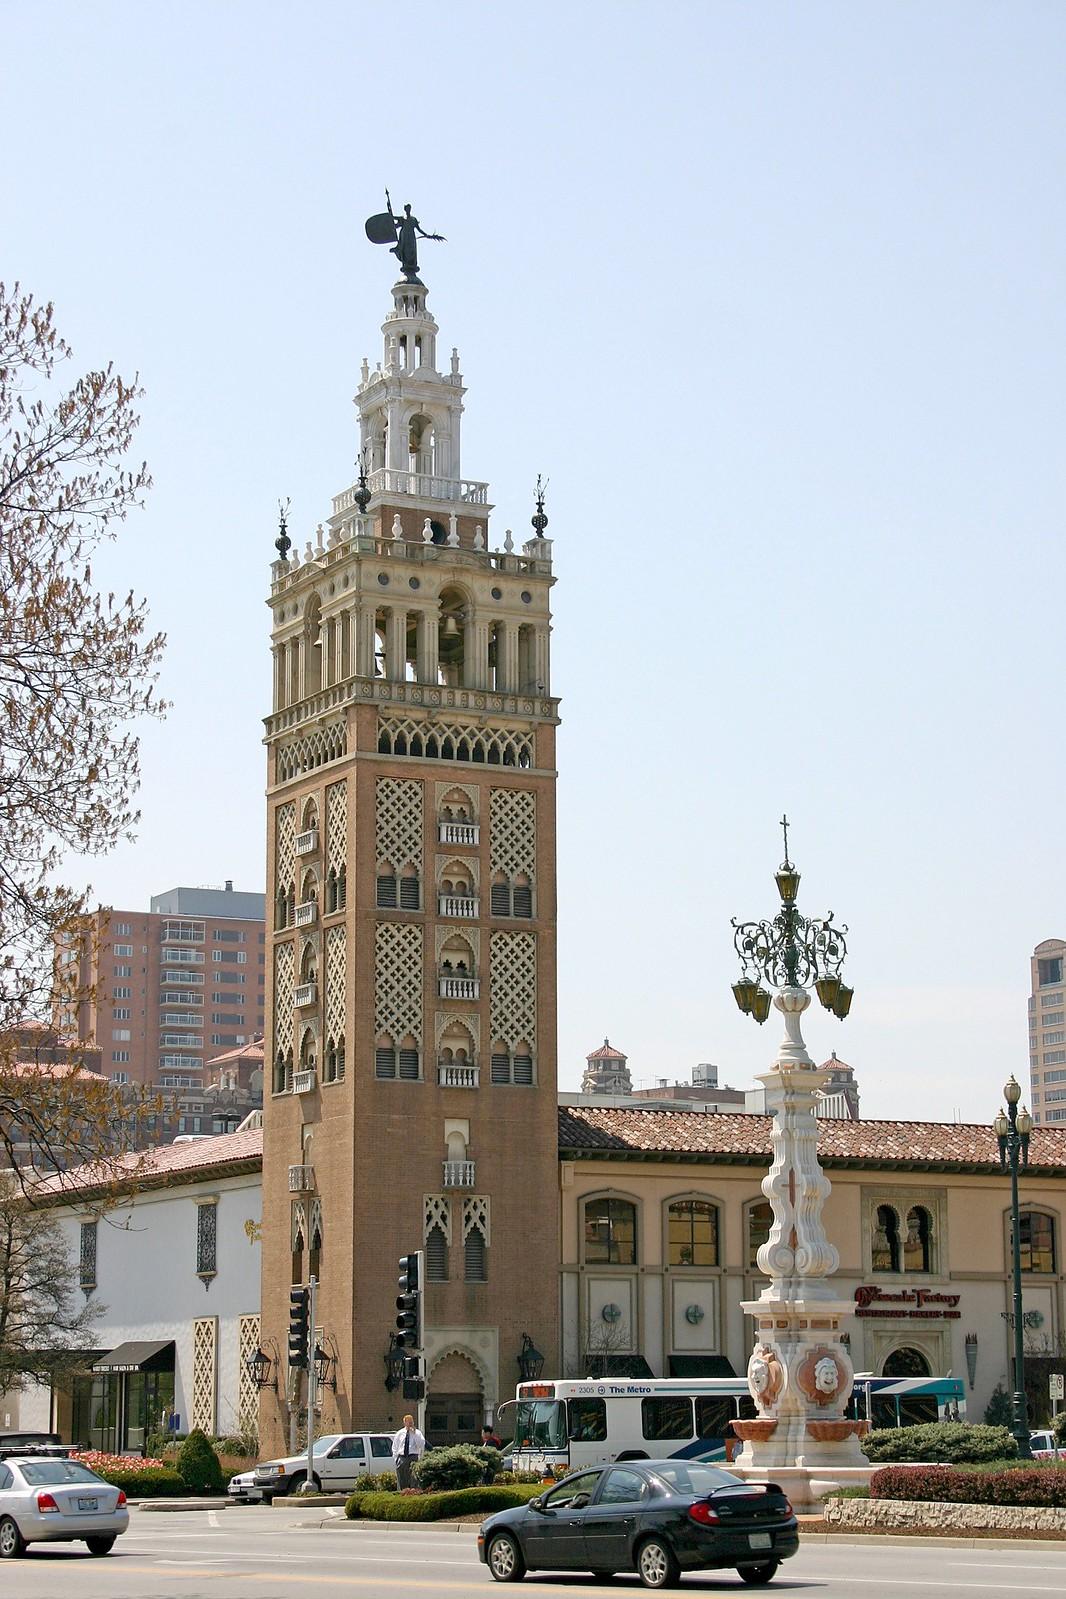 Giralda & Seville Light (Daytime)